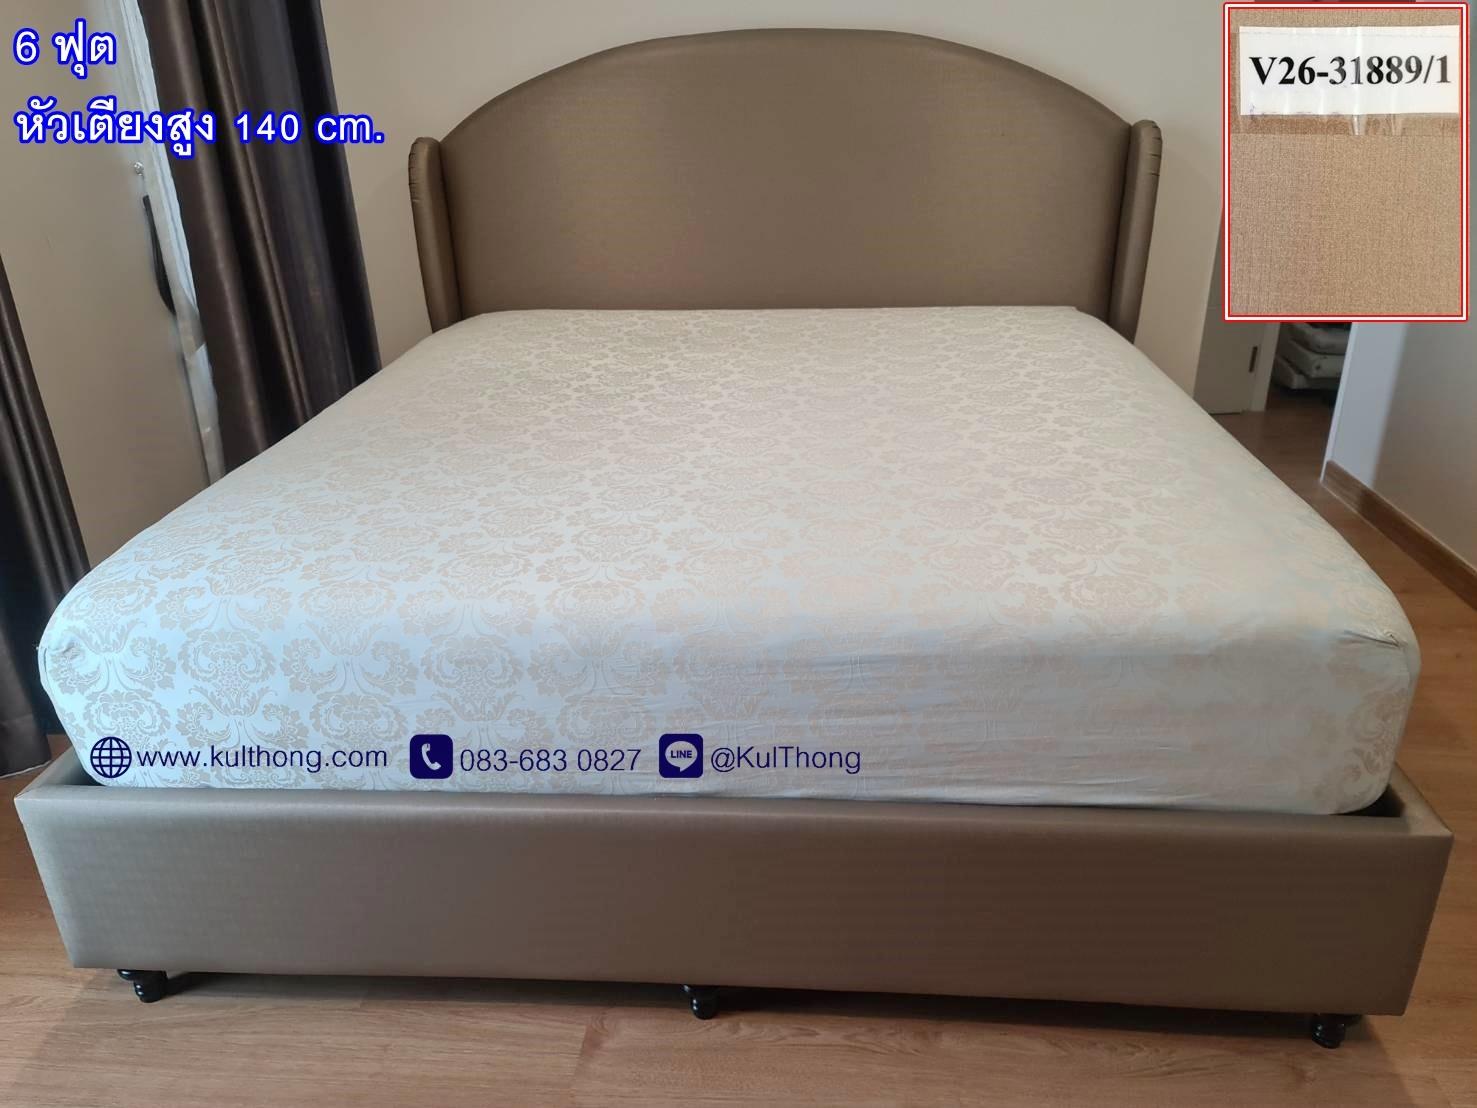 ฐานเตียง ฐานรองที่นอน เตียงหุ้มหนัง เตียงดีไซน์